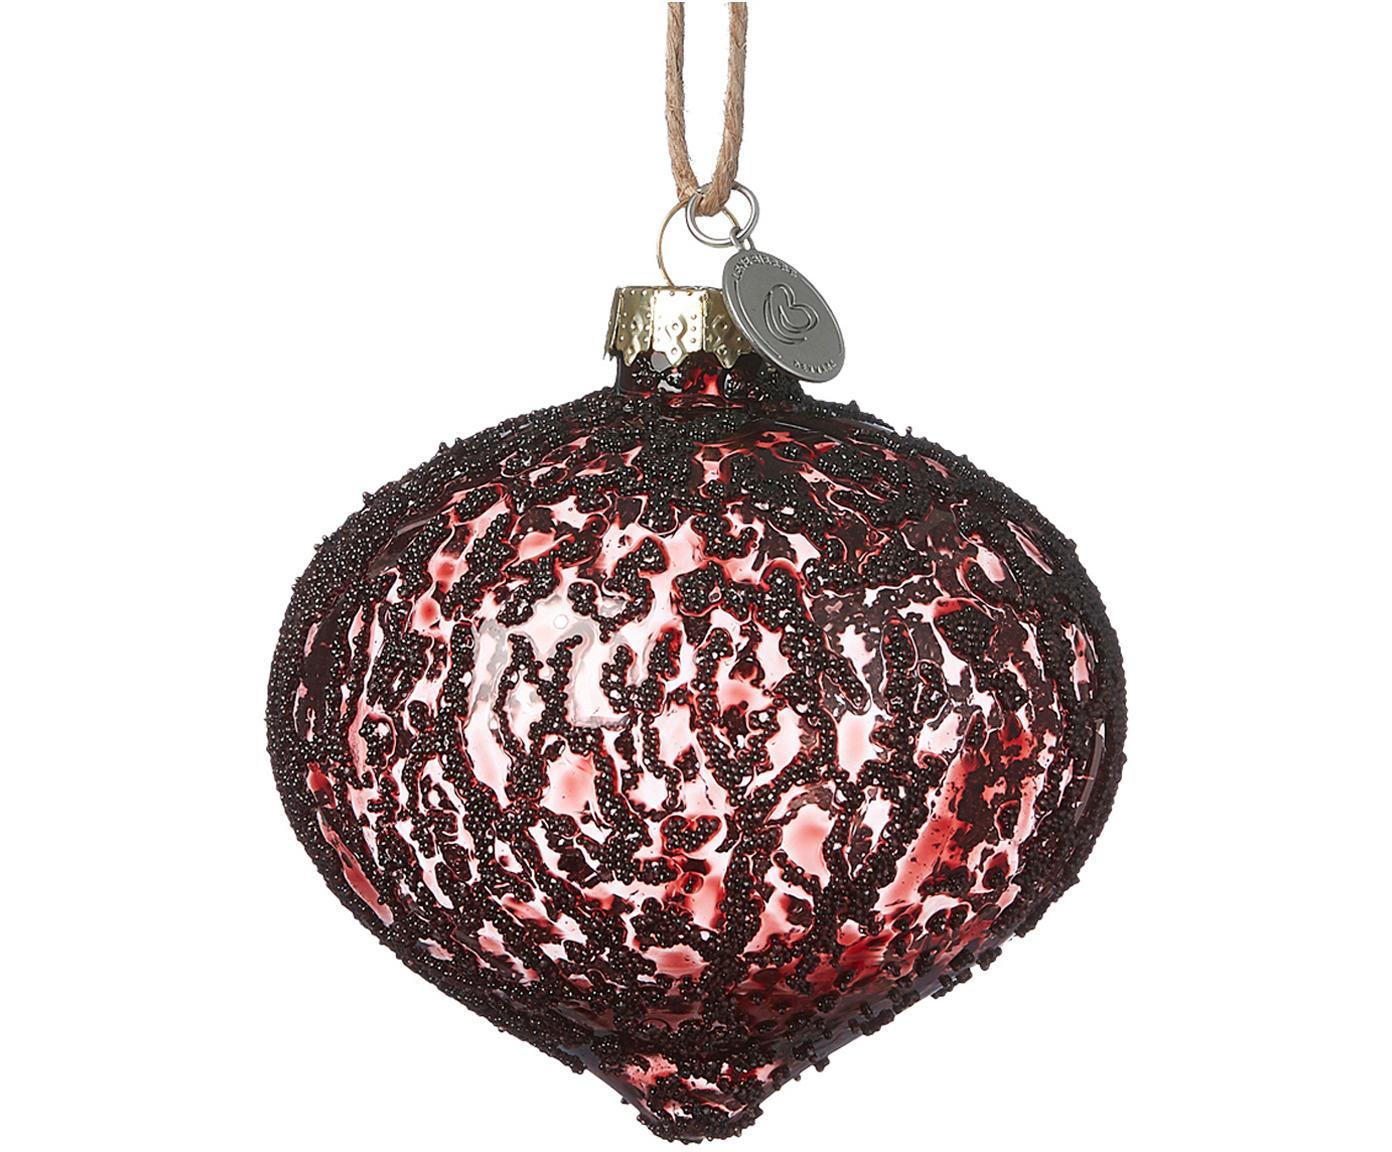 Kerstballen Charity, 2 stuks, Donkerrood, Ø 8 x H 8 cm